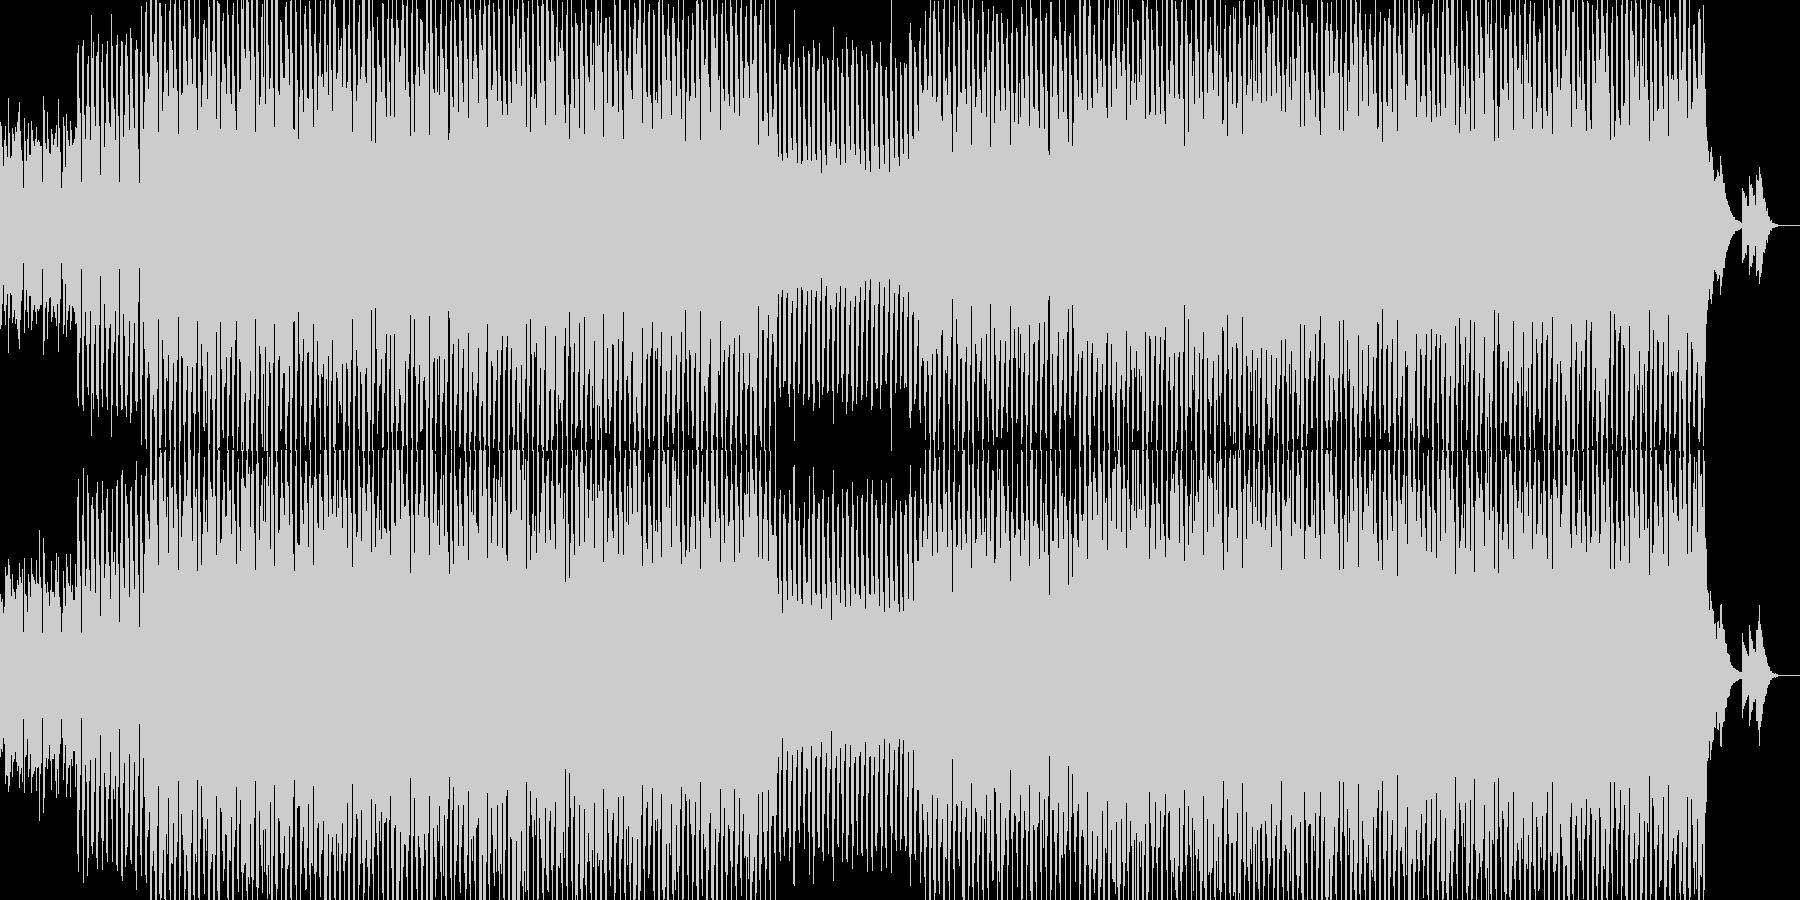 EDM明るいクラブ系キラキラシンセ-03の未再生の波形